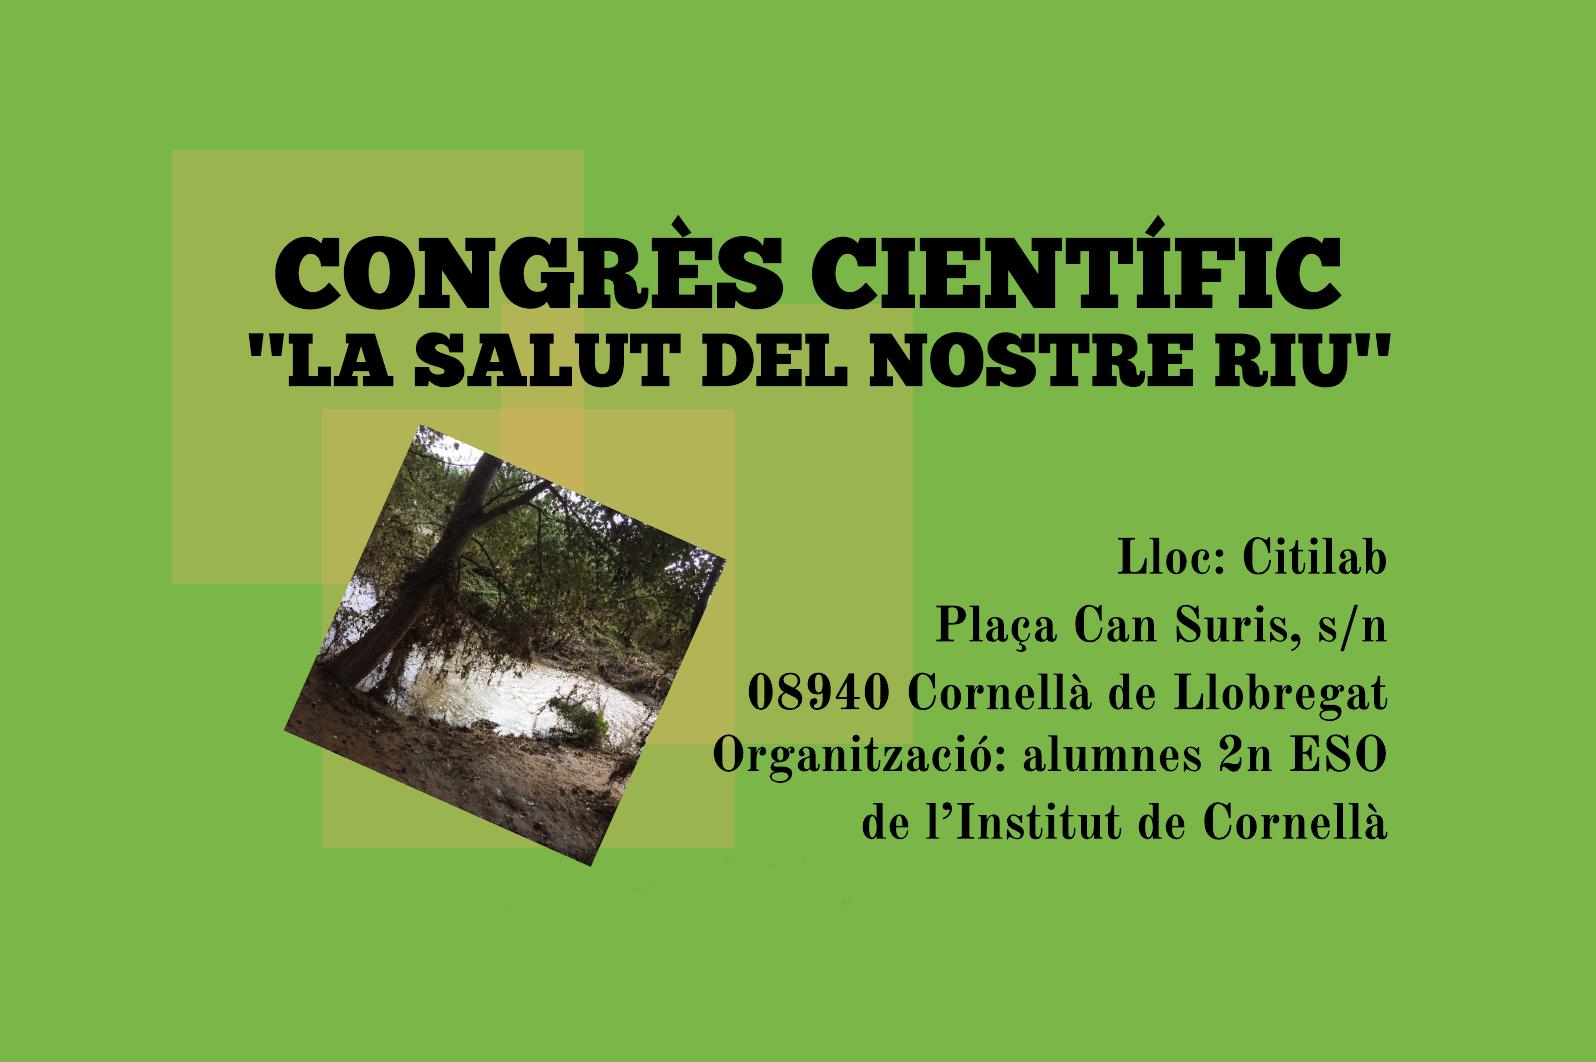 Citilab Acull El Congrés Científic 'La Salut Del Nostre Riu' De L'Institut De Cornellà